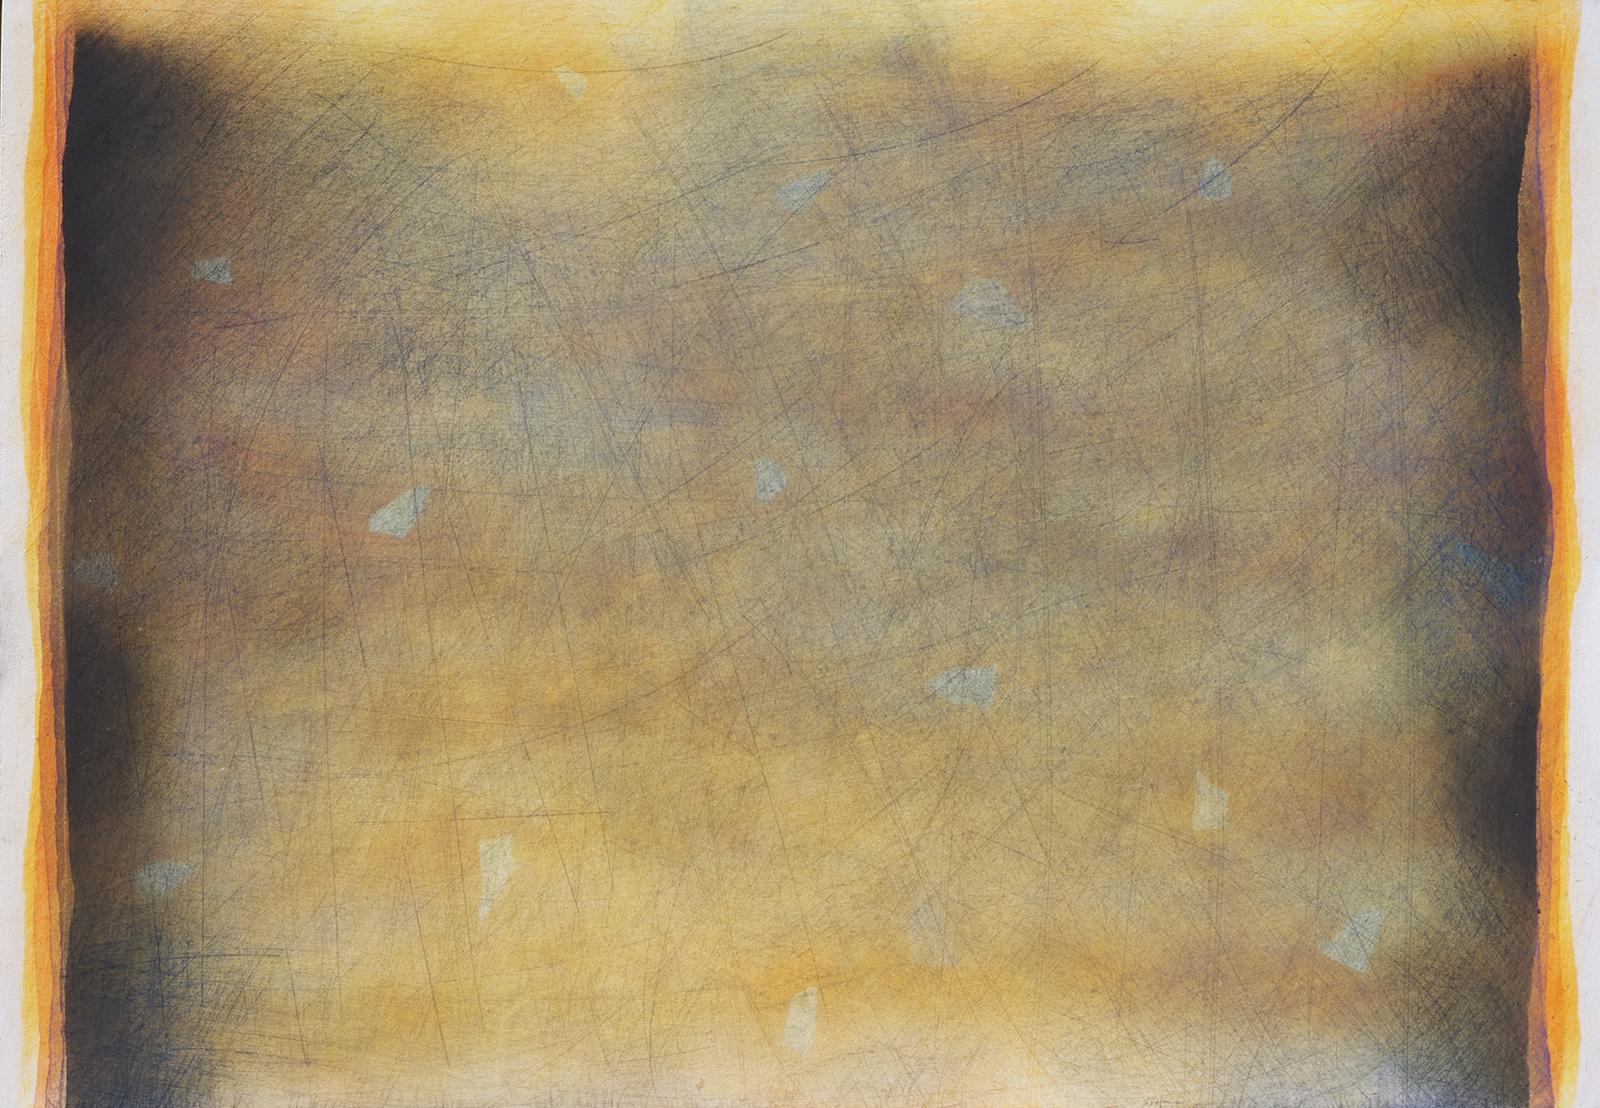 Sentire 1, 2011, pastello su cartoncino, cm. 51 x 73